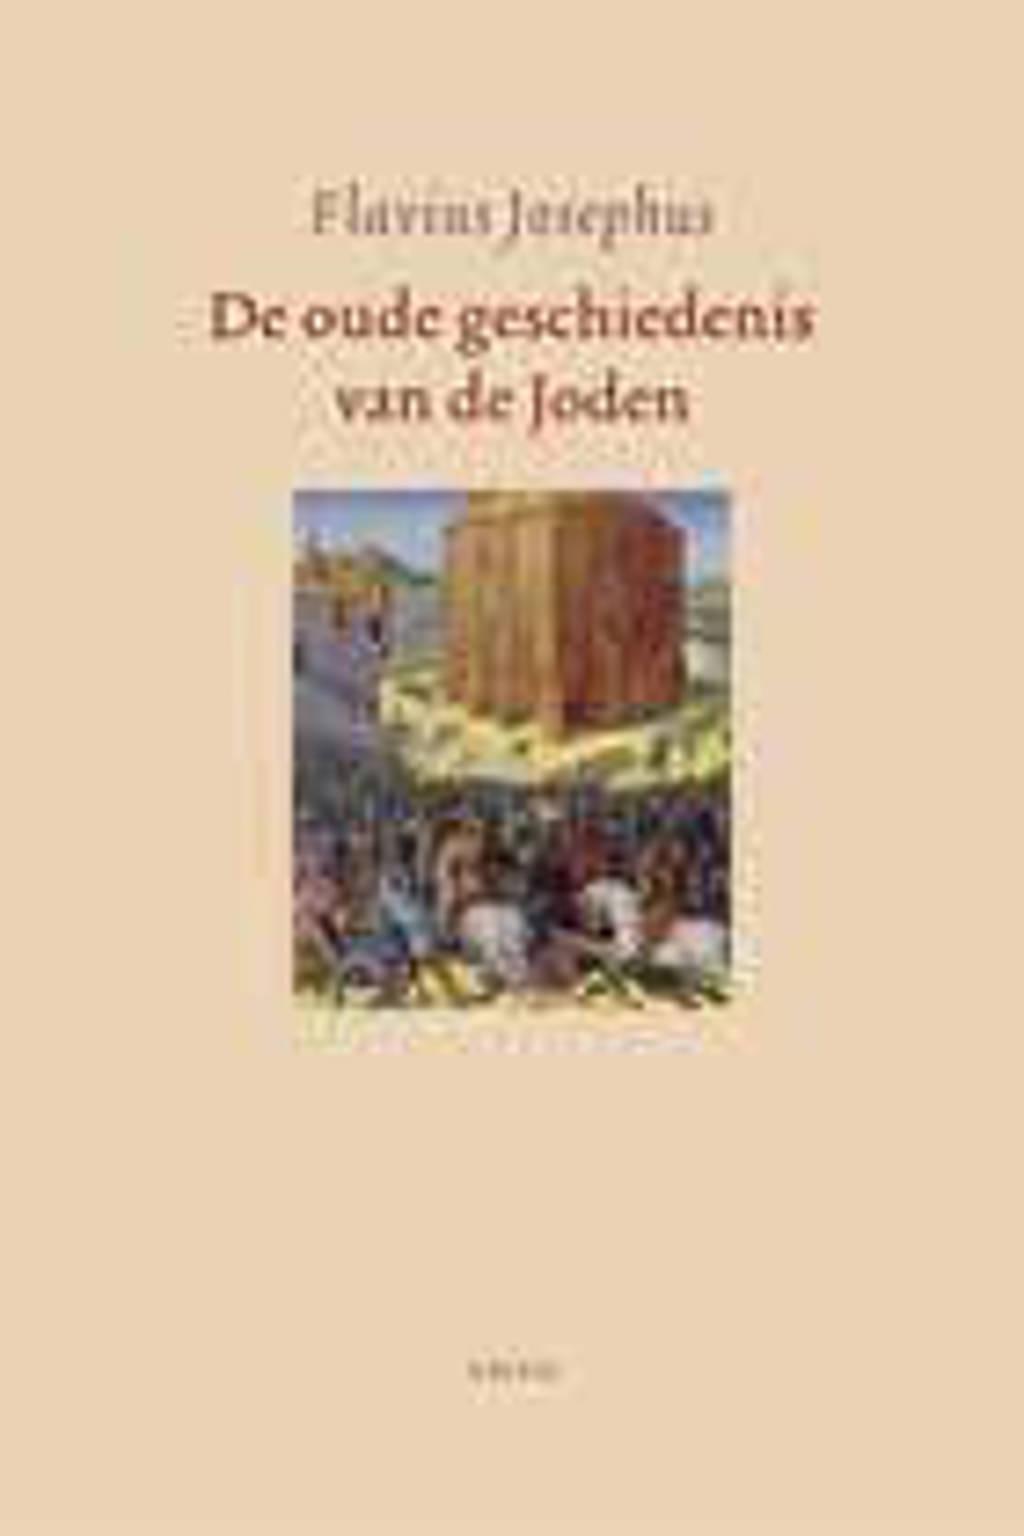 De oude geschiedenis van de joden - Flavius Josephus